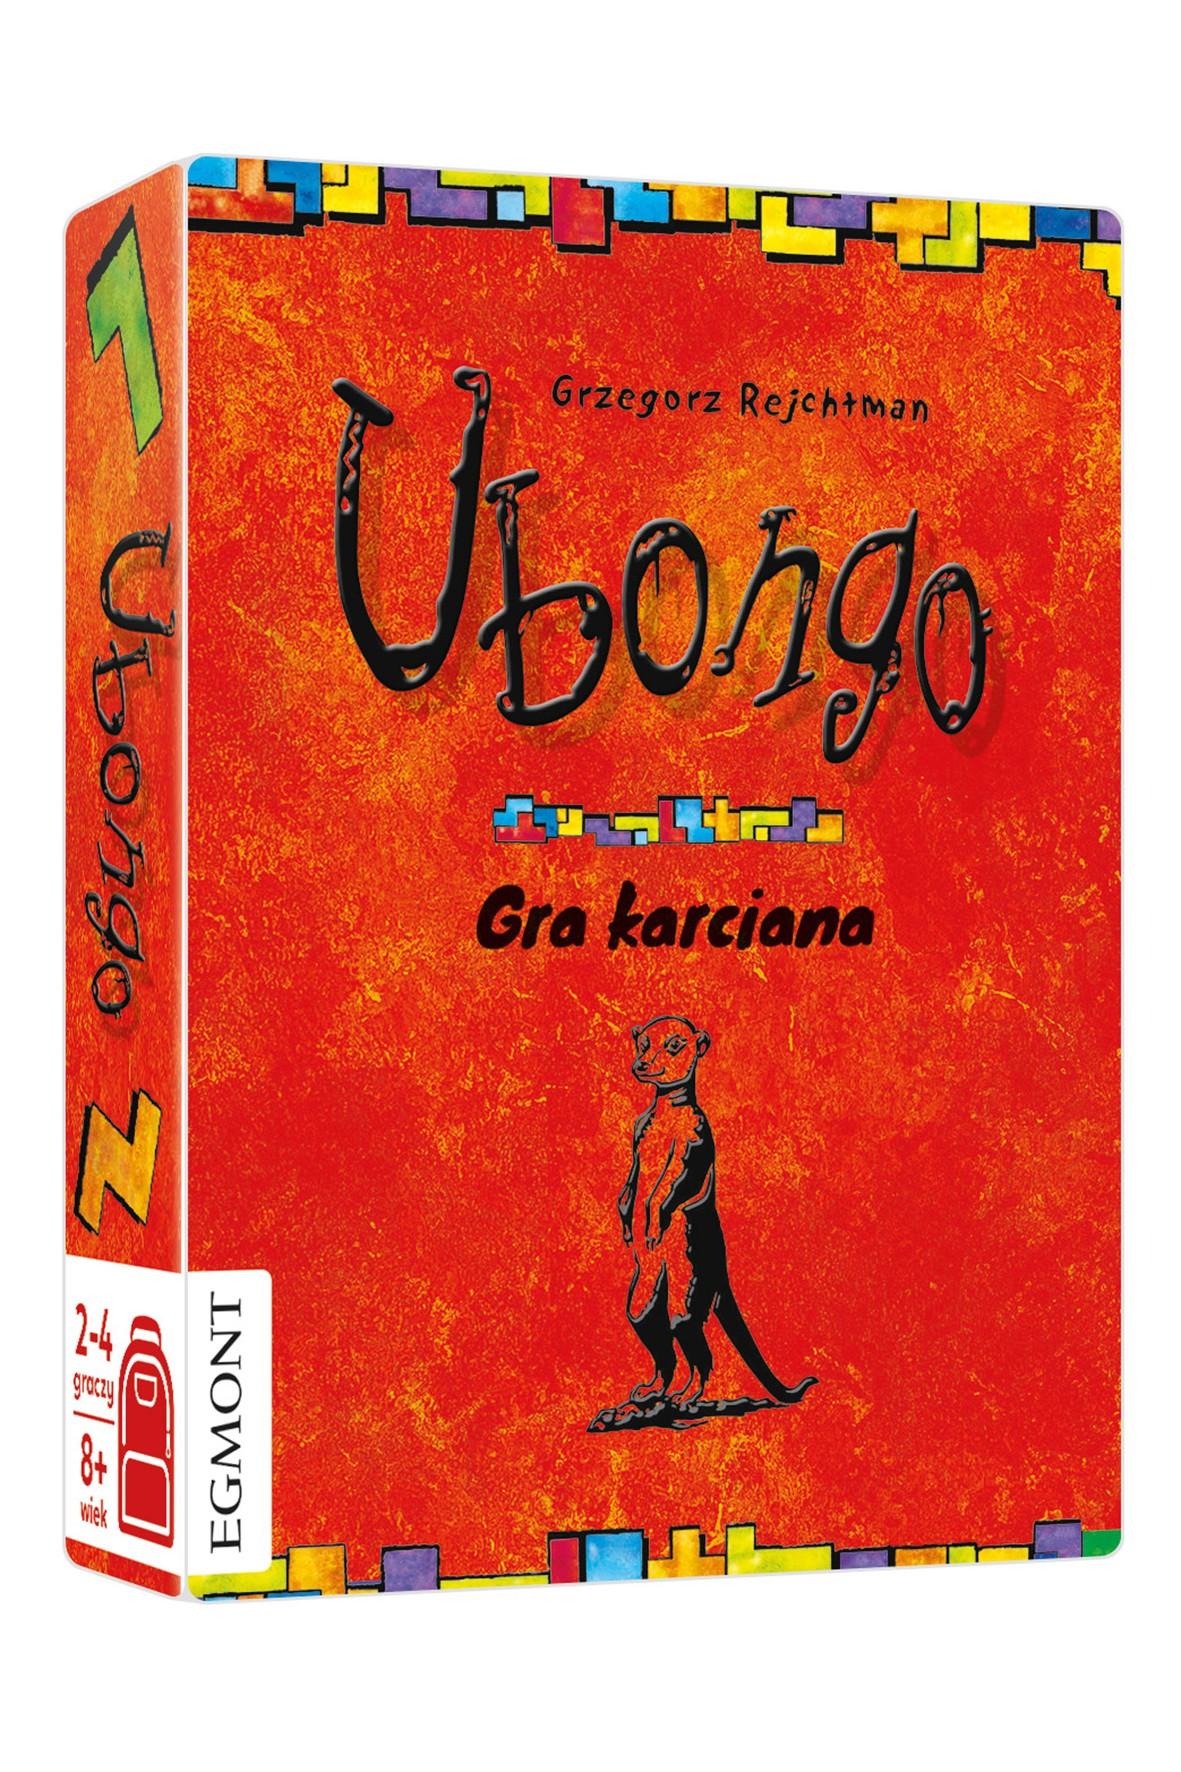 Gry dziecięce  - Ubongo karciane Gry do plecaka wiek 8+